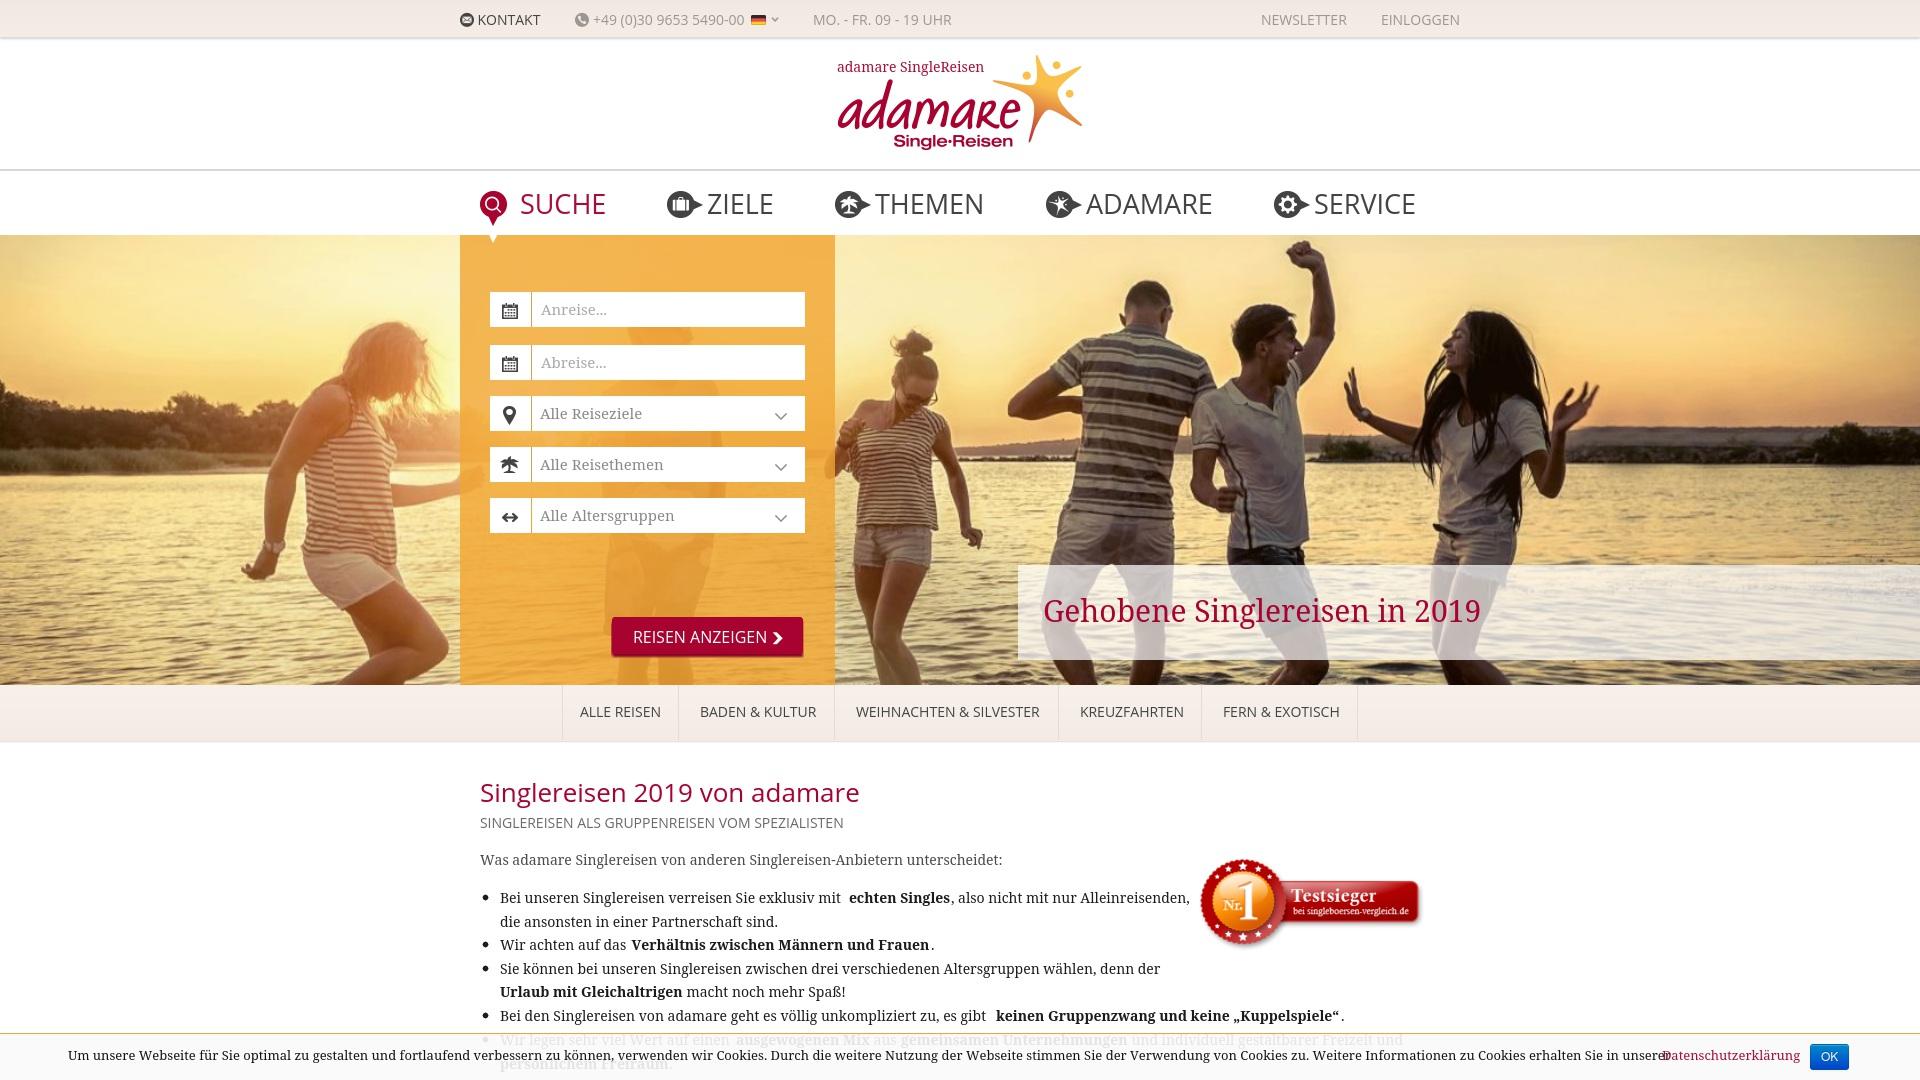 Gutschein für Adamare-singlereisen: Rabatte für  Adamare-singlereisen sichern